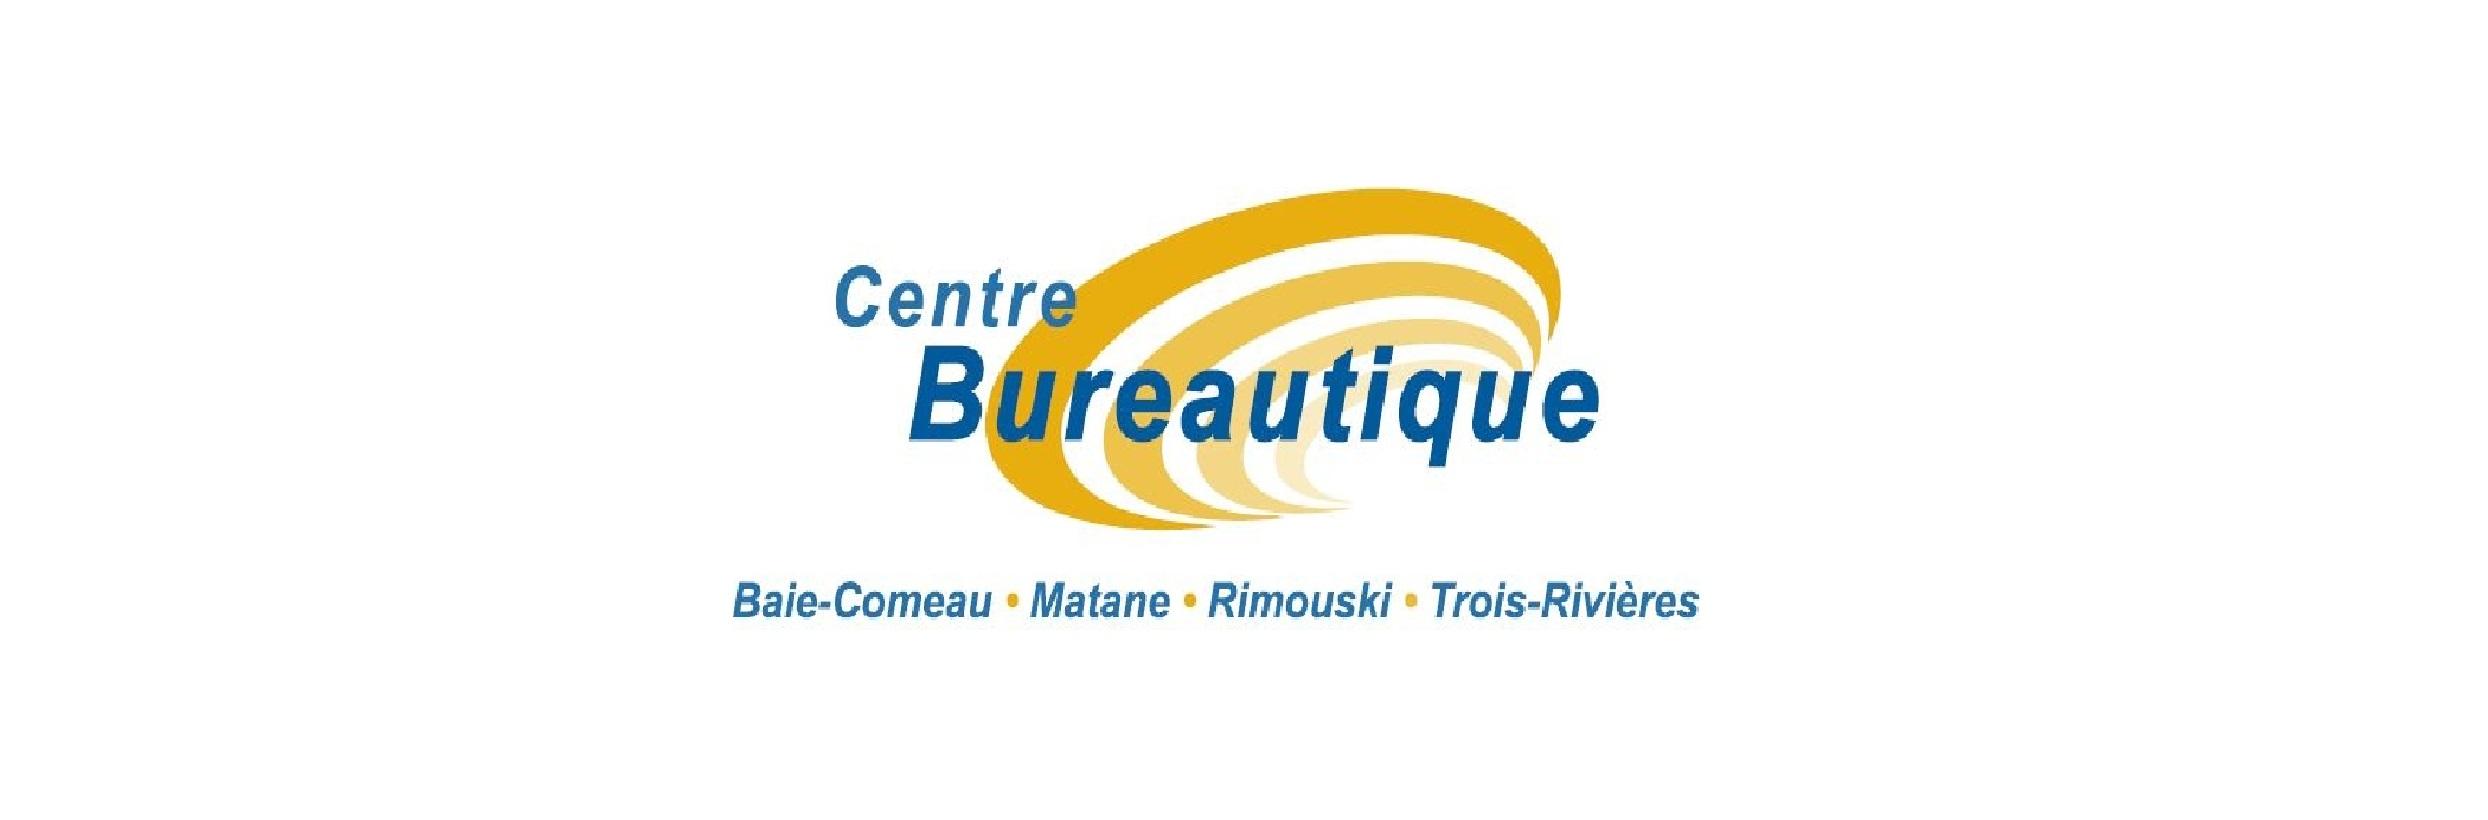 Centre bureautique